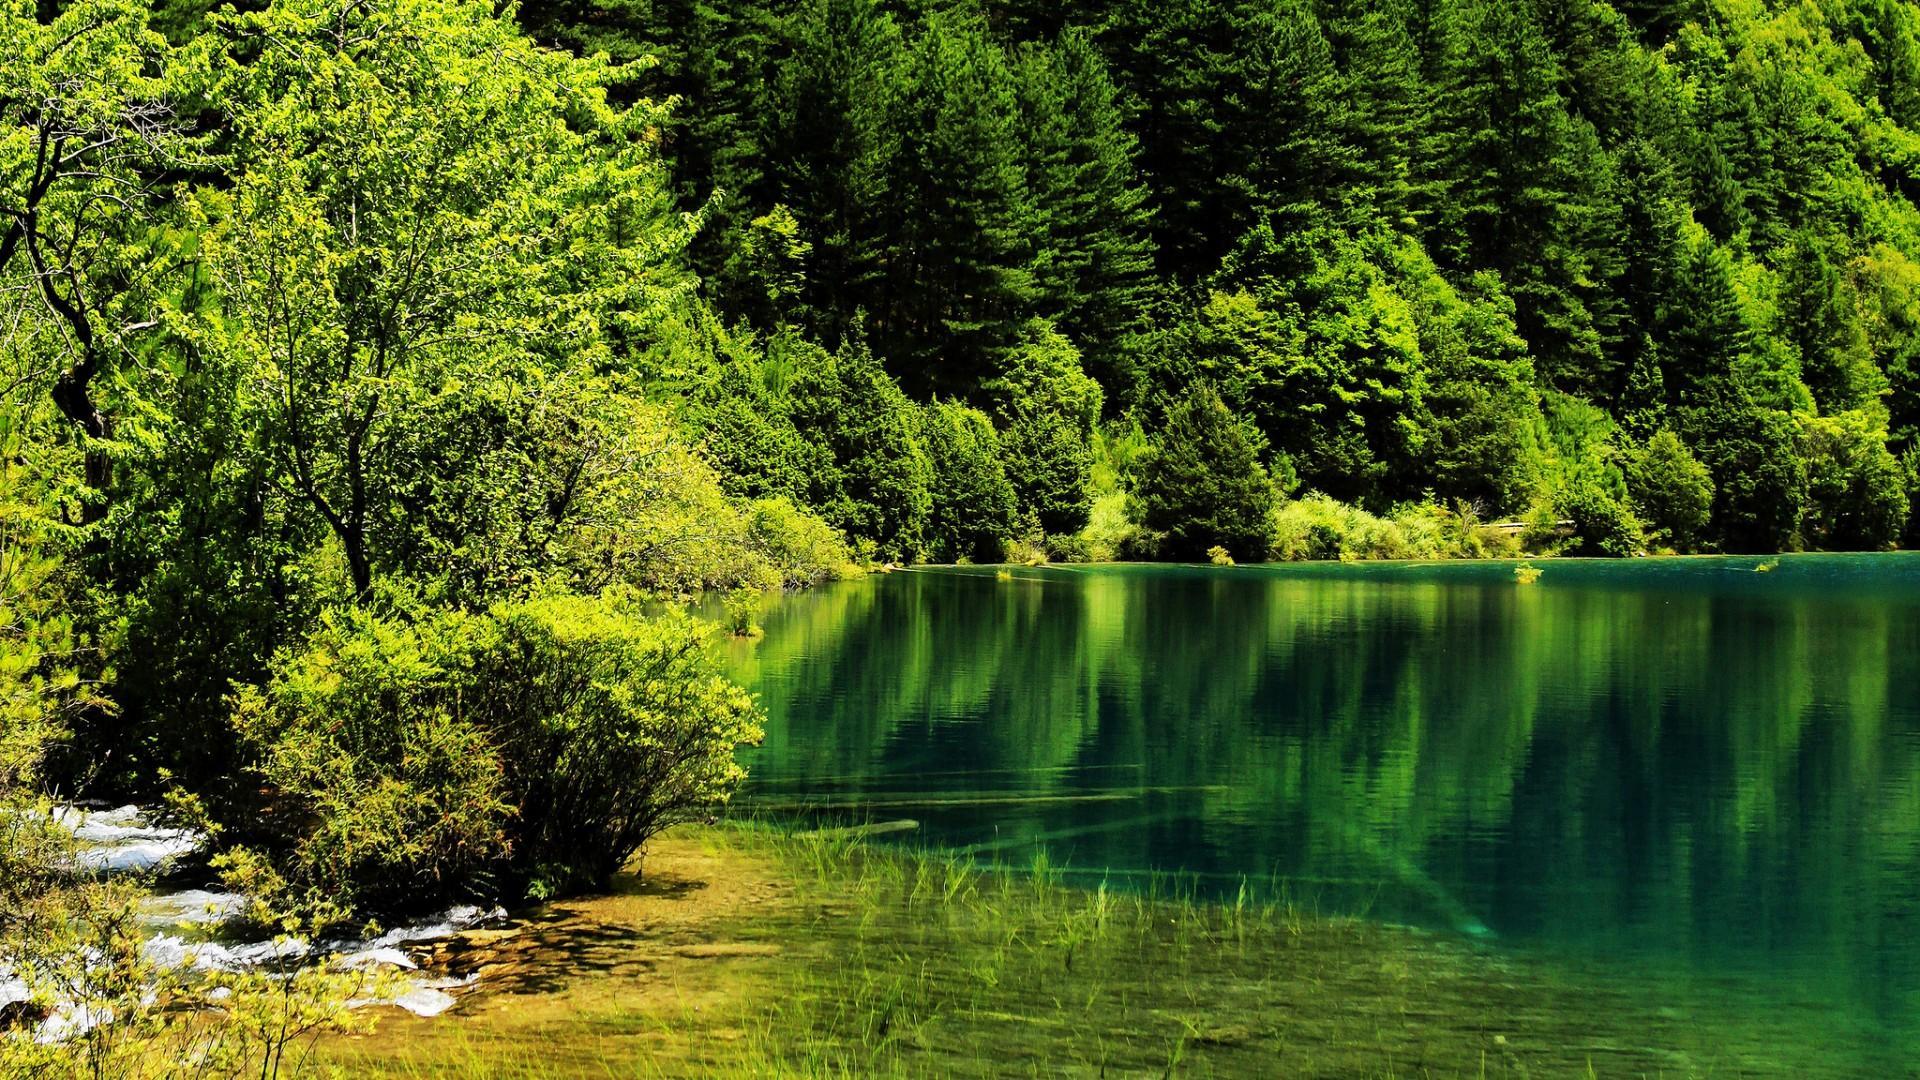 自然风景桌面大壁纸 清新简约唯美高清自然风景壁纸大全